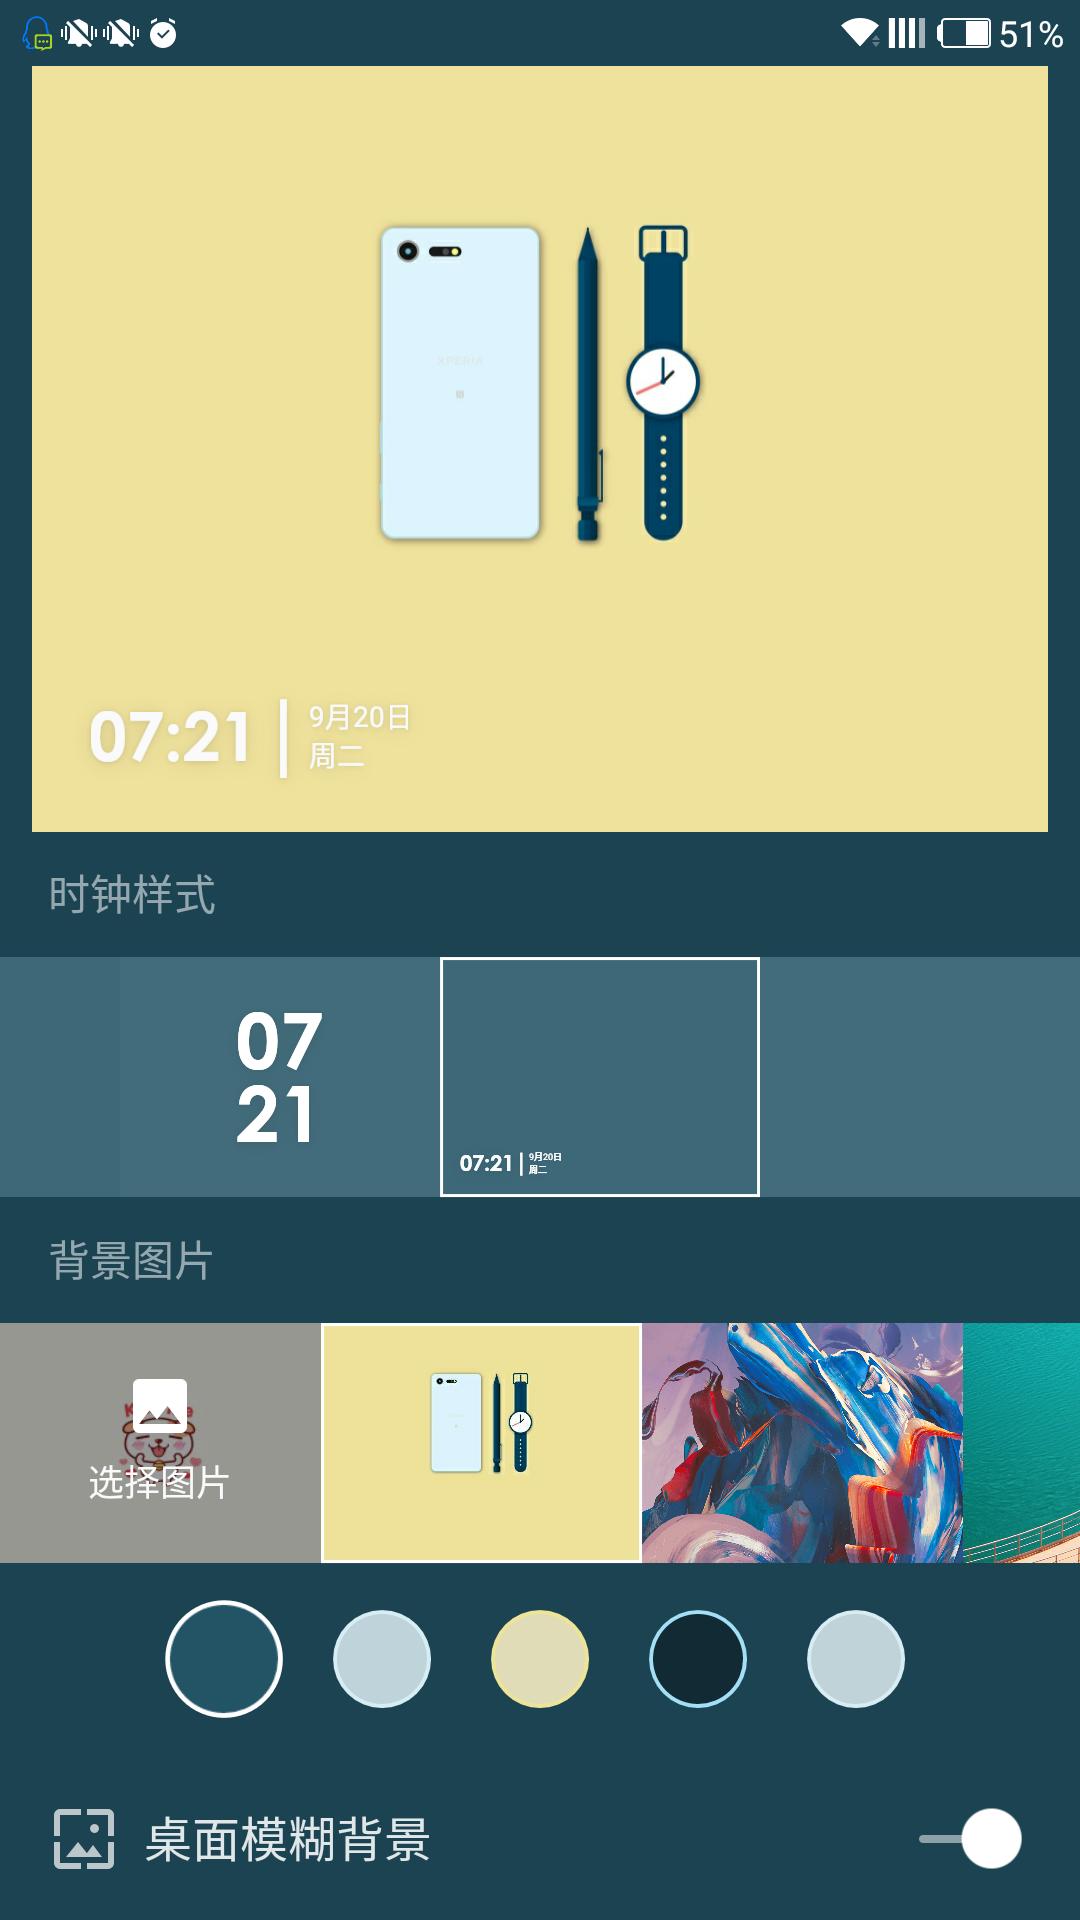 态栏为什么出现两个同样的静音图标 OnePlus 3 一加手机社区官方论图片